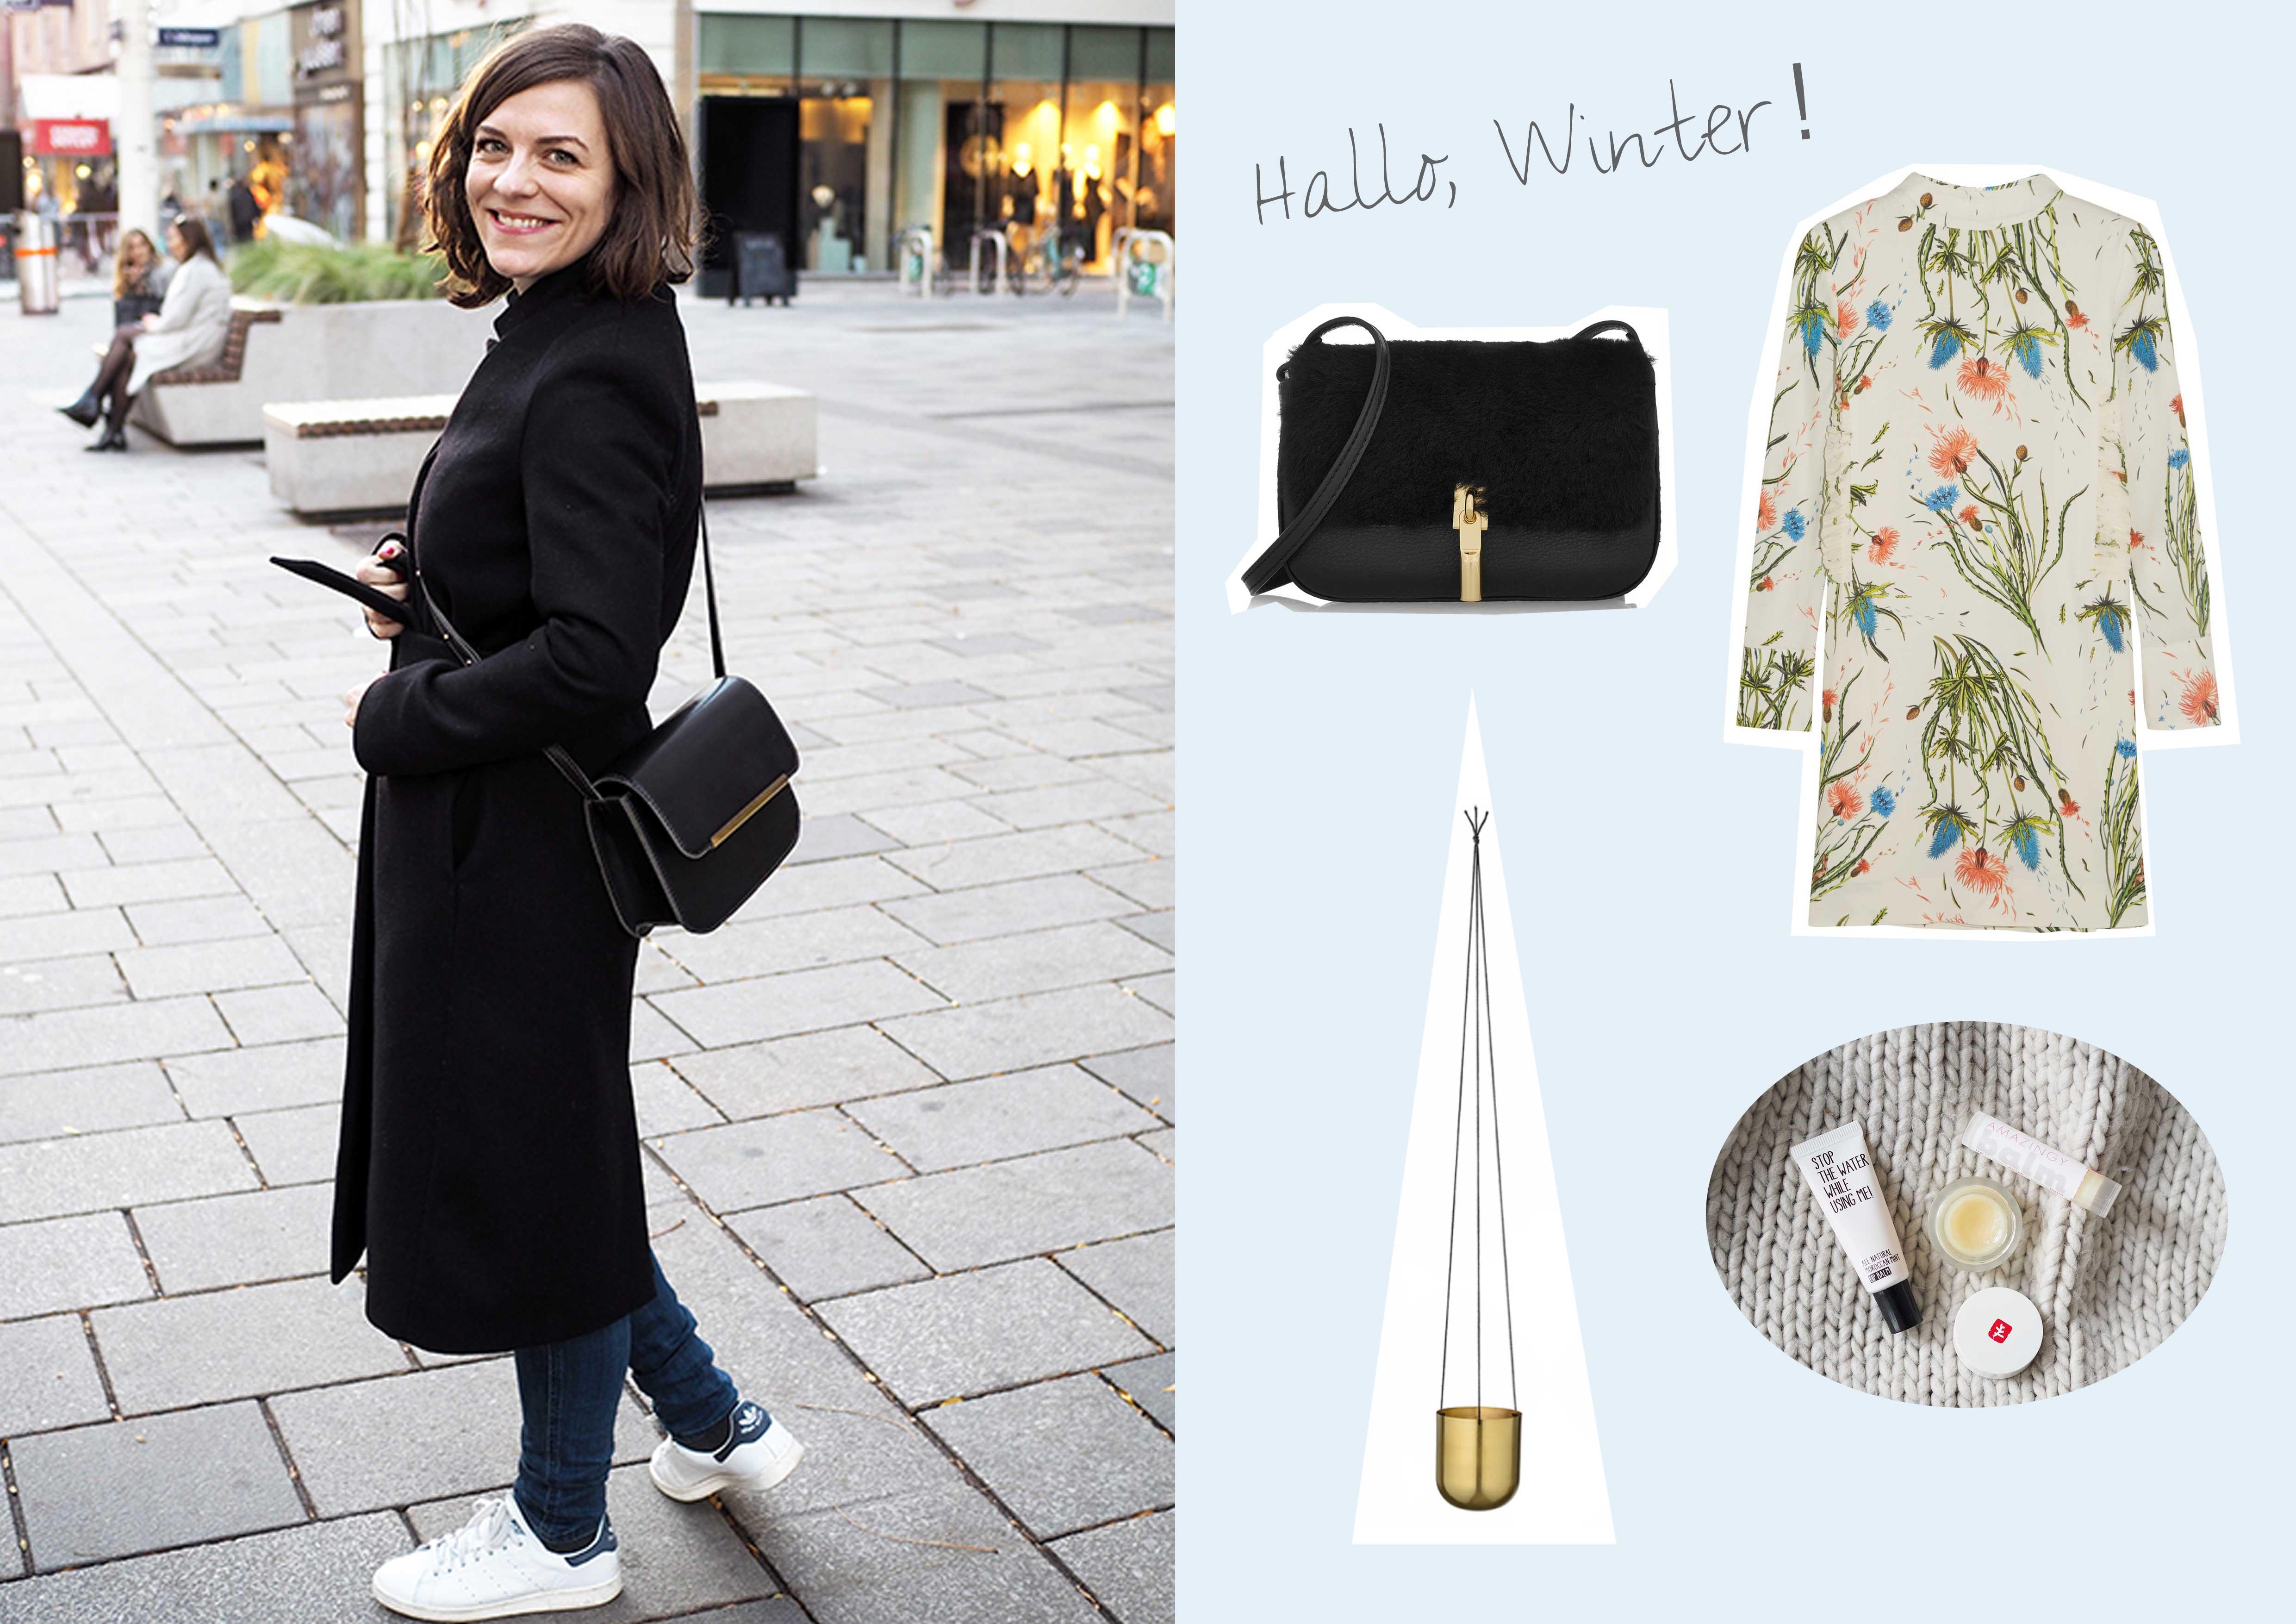 Winter Special Hanna